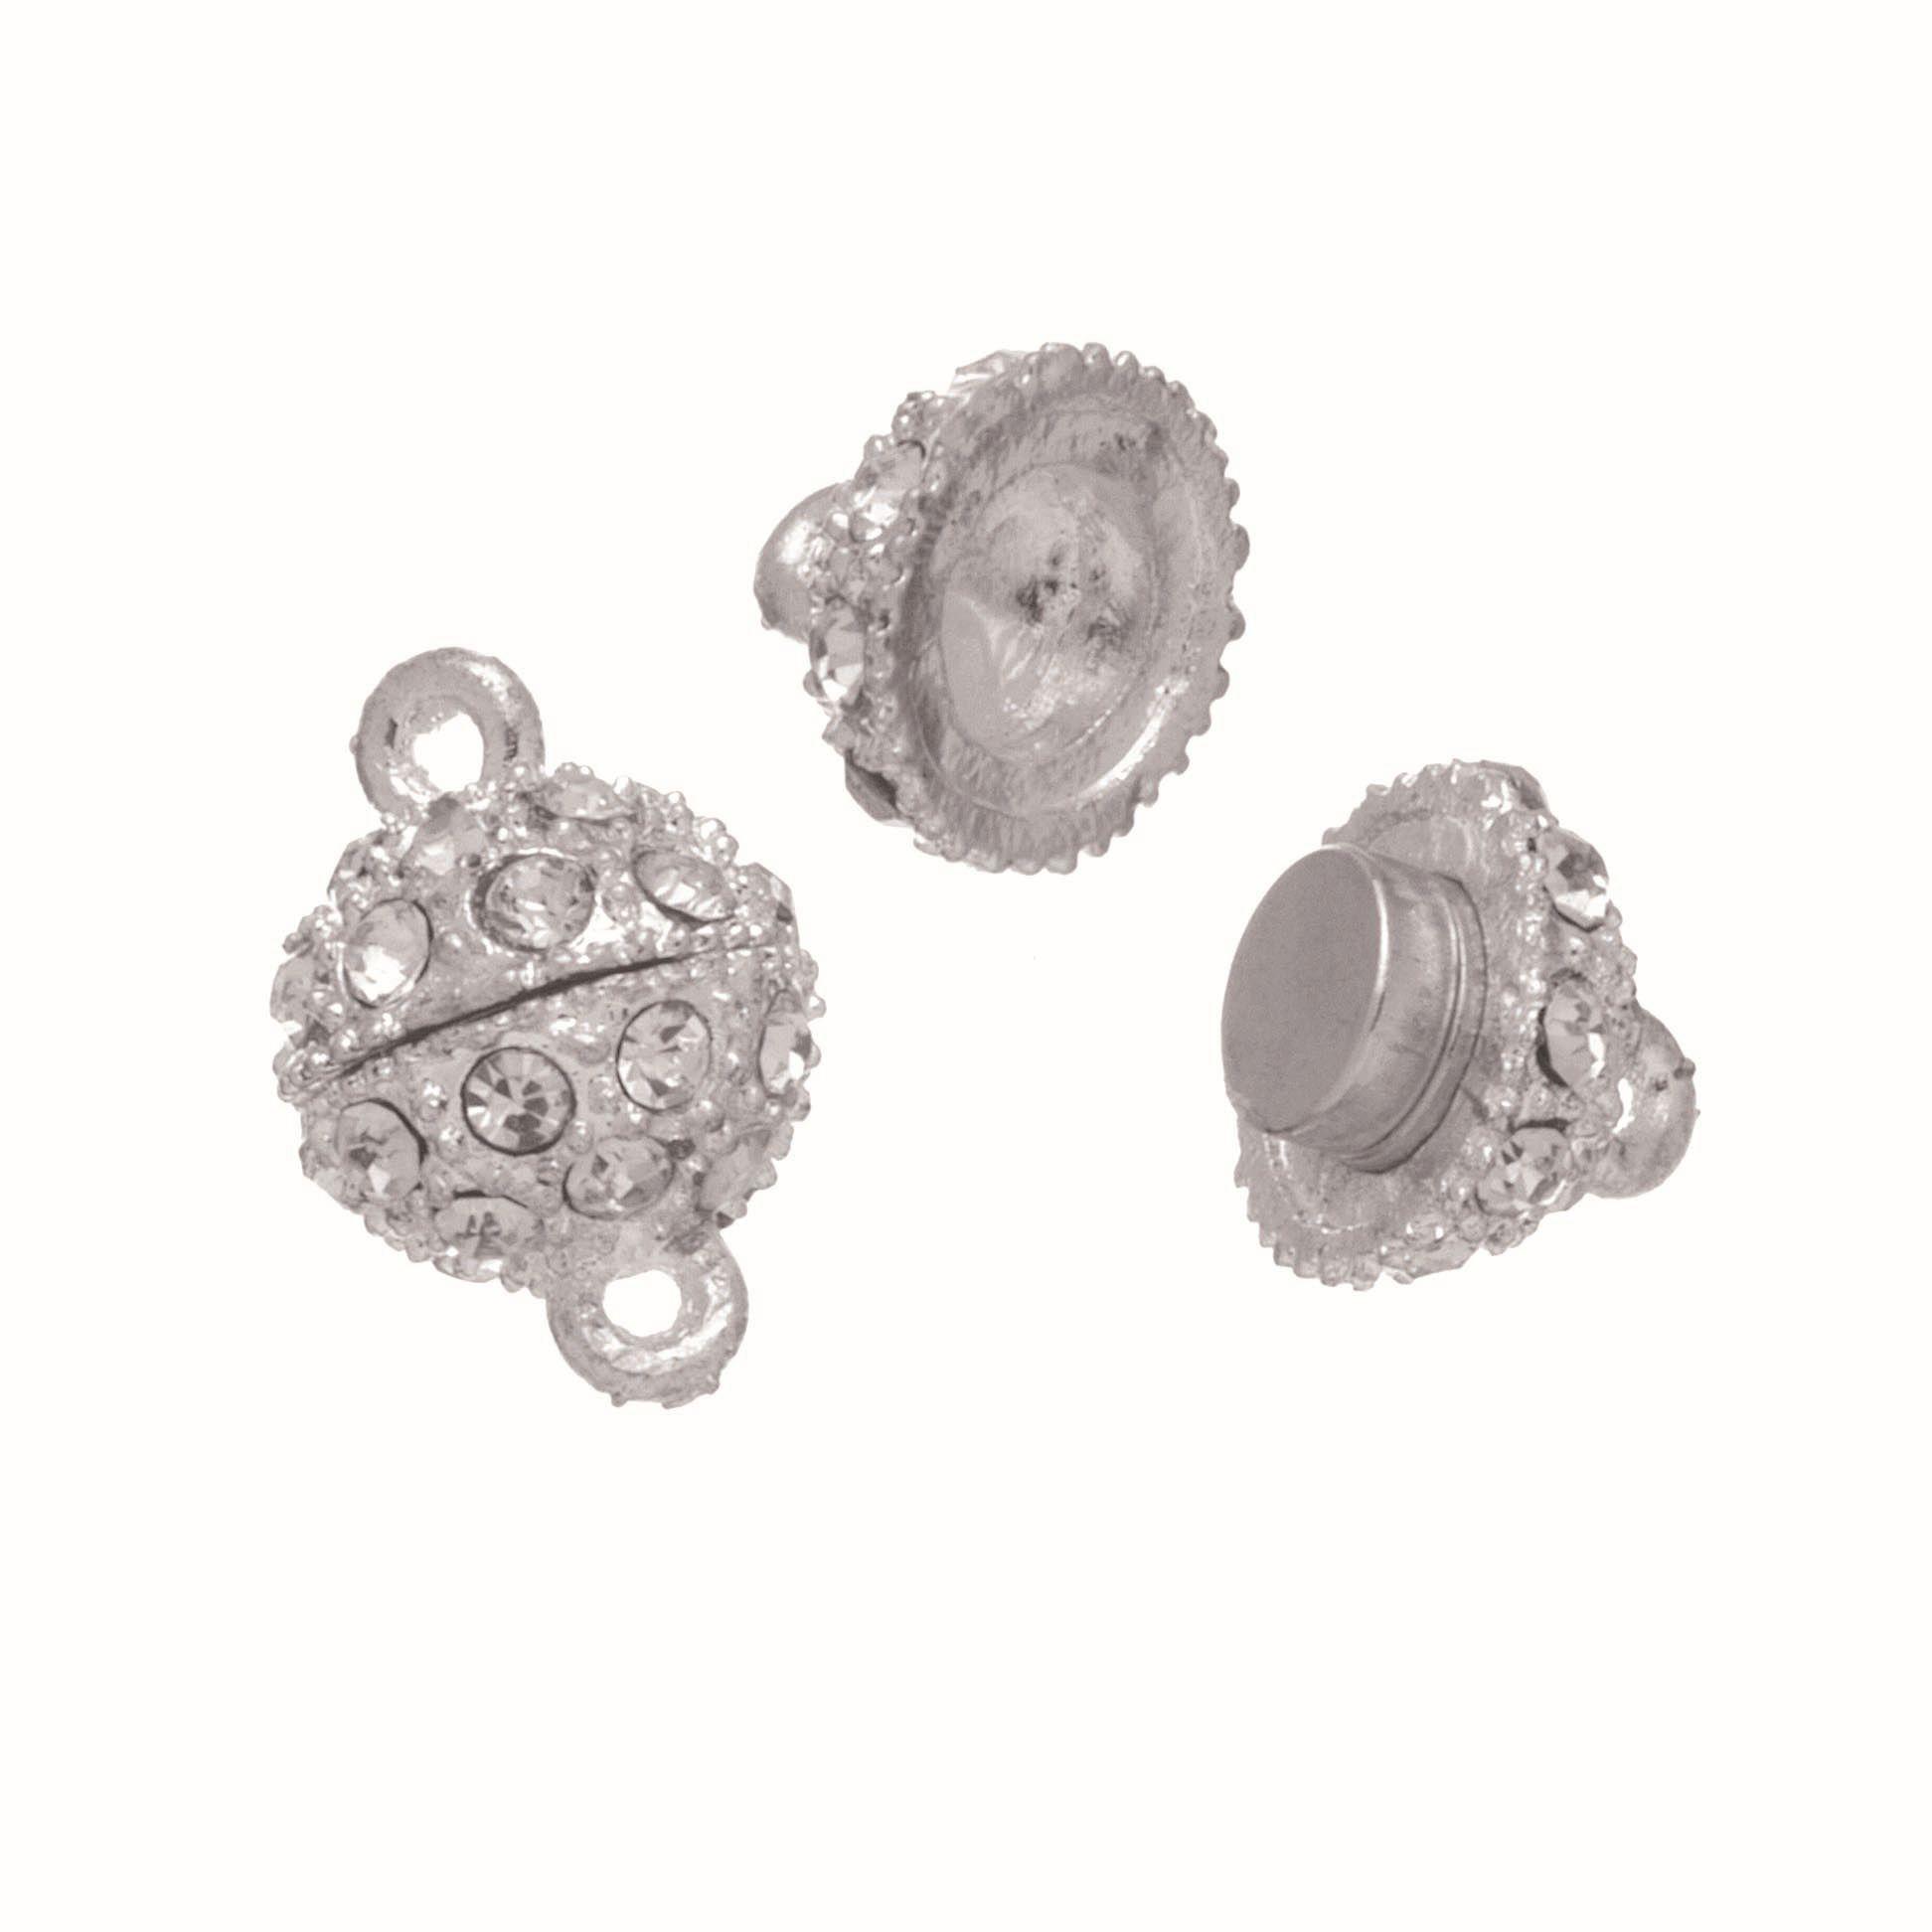 63714008 Магнитная застежка с кристаллом 1шт 13мм, серебро Glorex